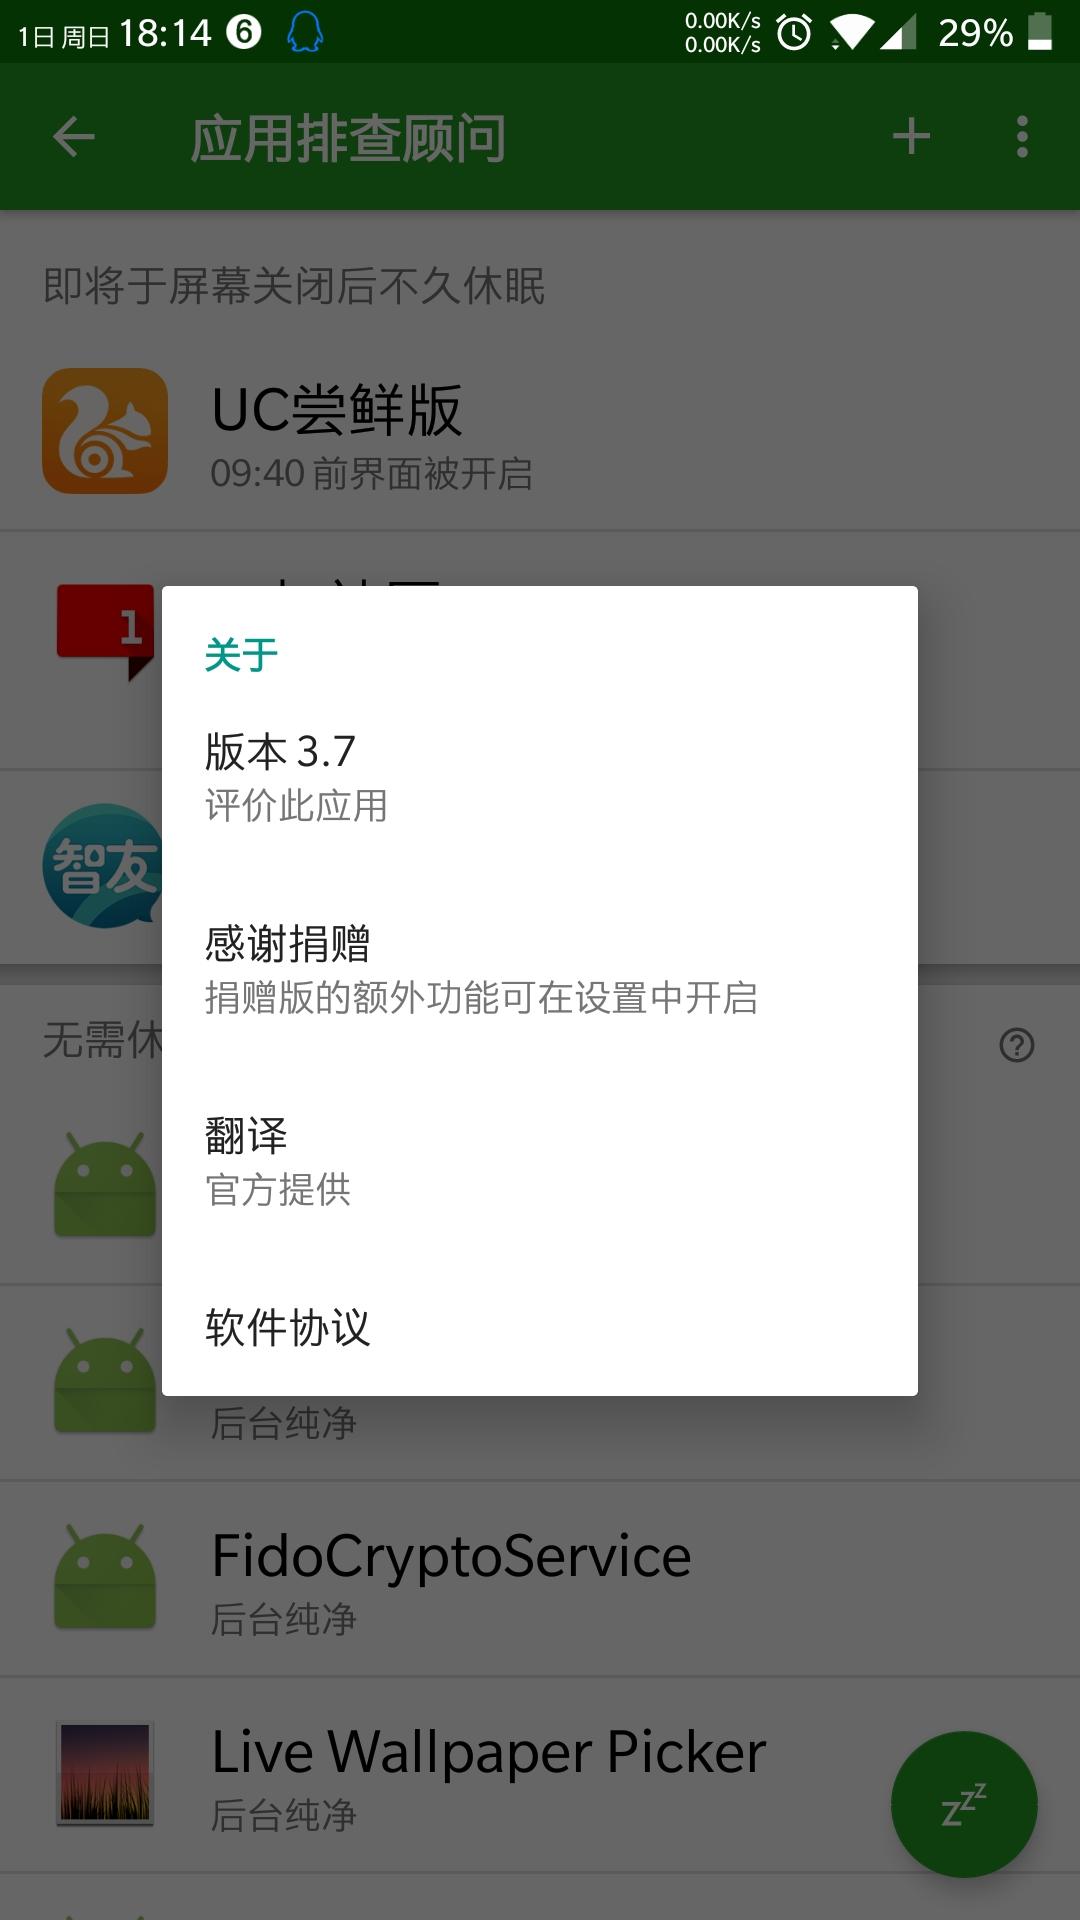 Screenshot_20171001-181412.jpg